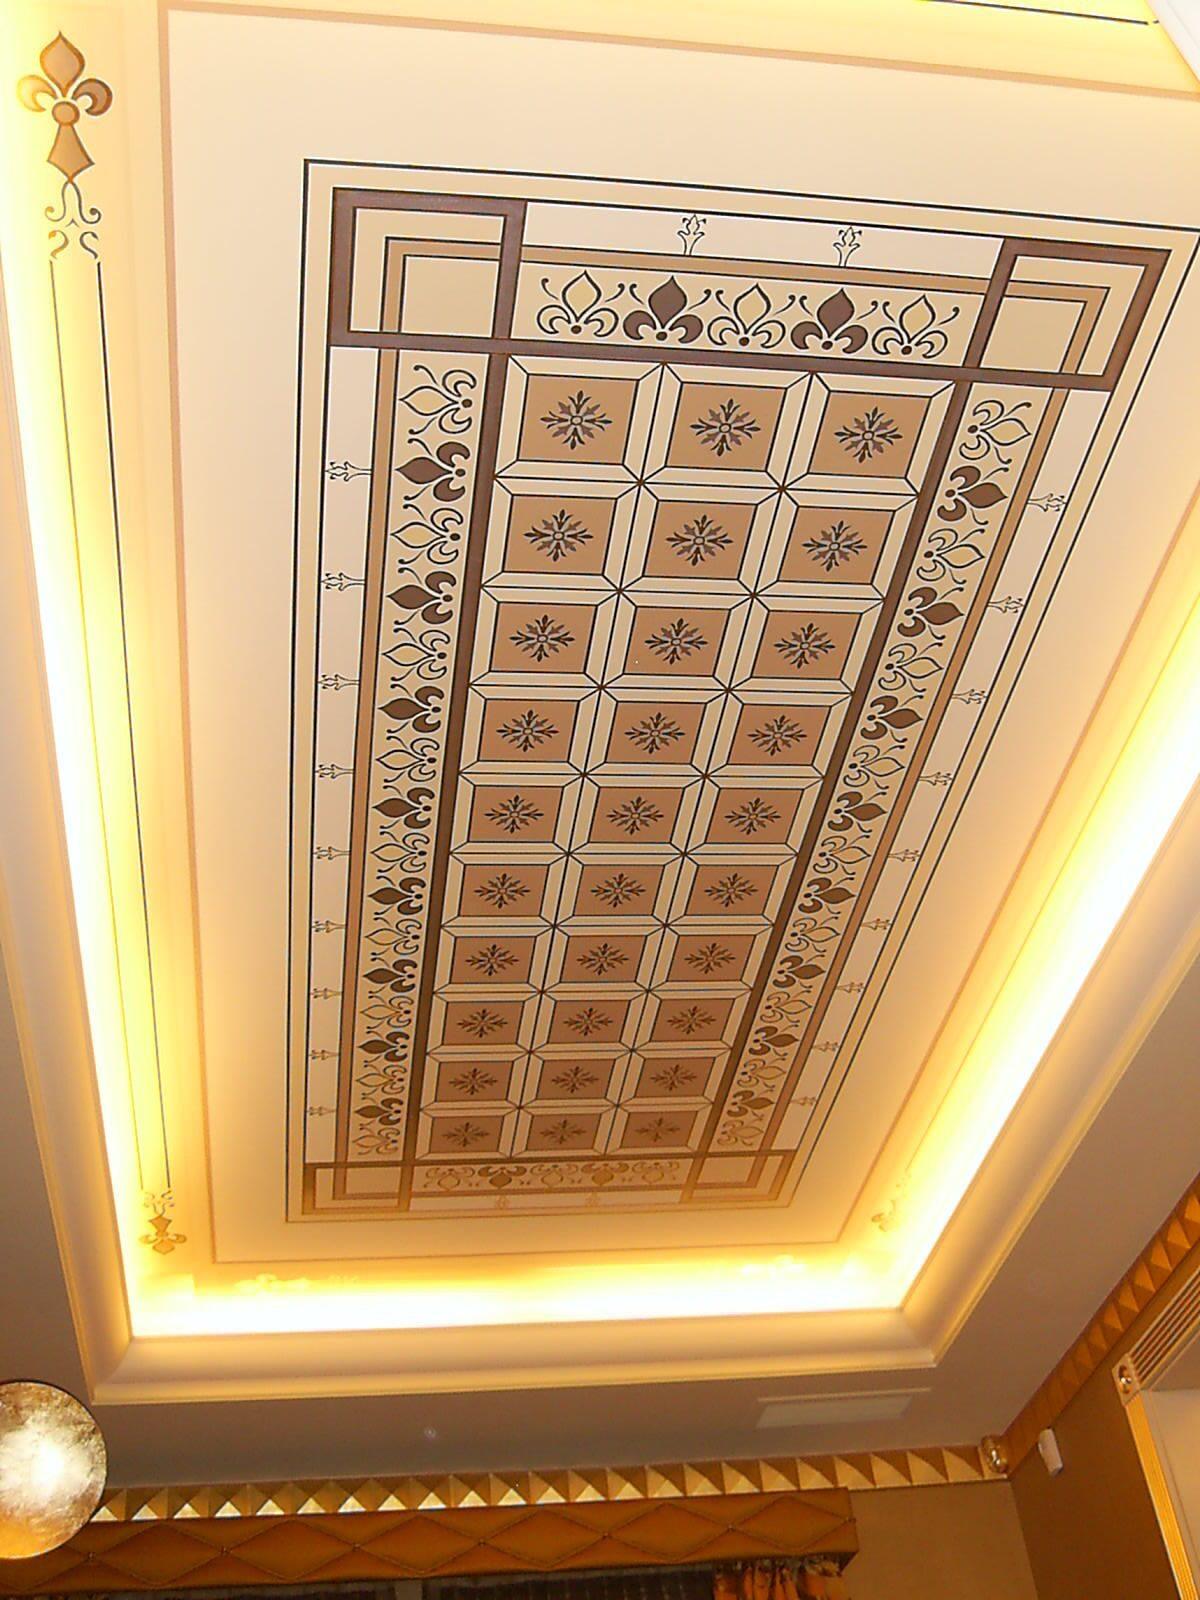 Декор потолка своими руками (38 фото обоями, тканью, и другие) 6